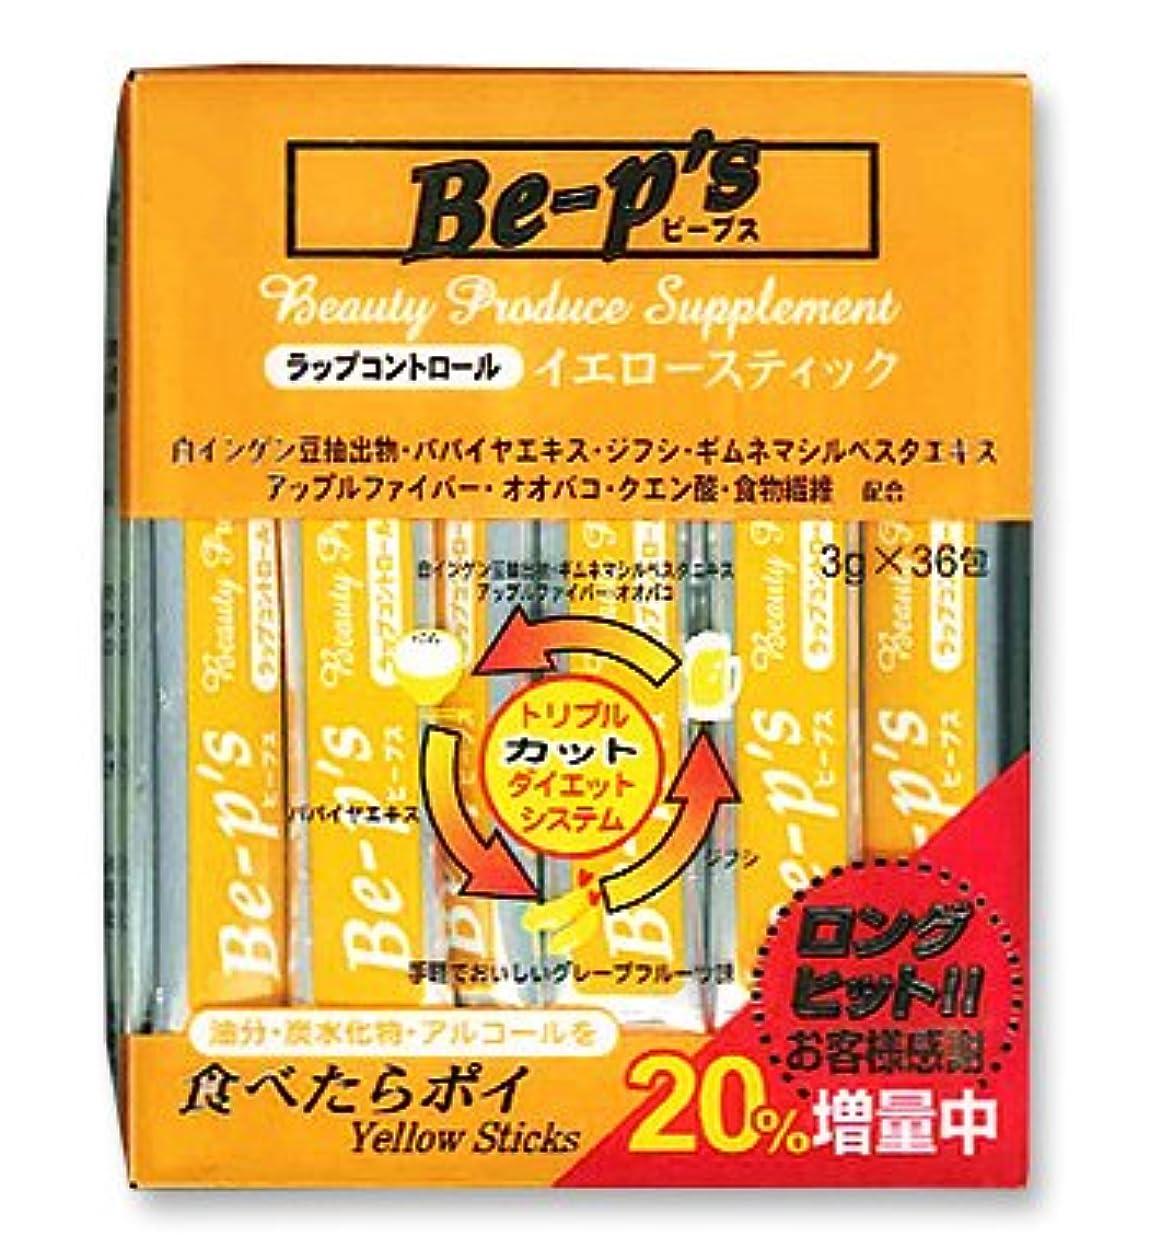 温度計演劇政府ジャパンギャルズSC アスティ ビープス Be-Ps イエロー 20%増量 Be-P's×30個セット